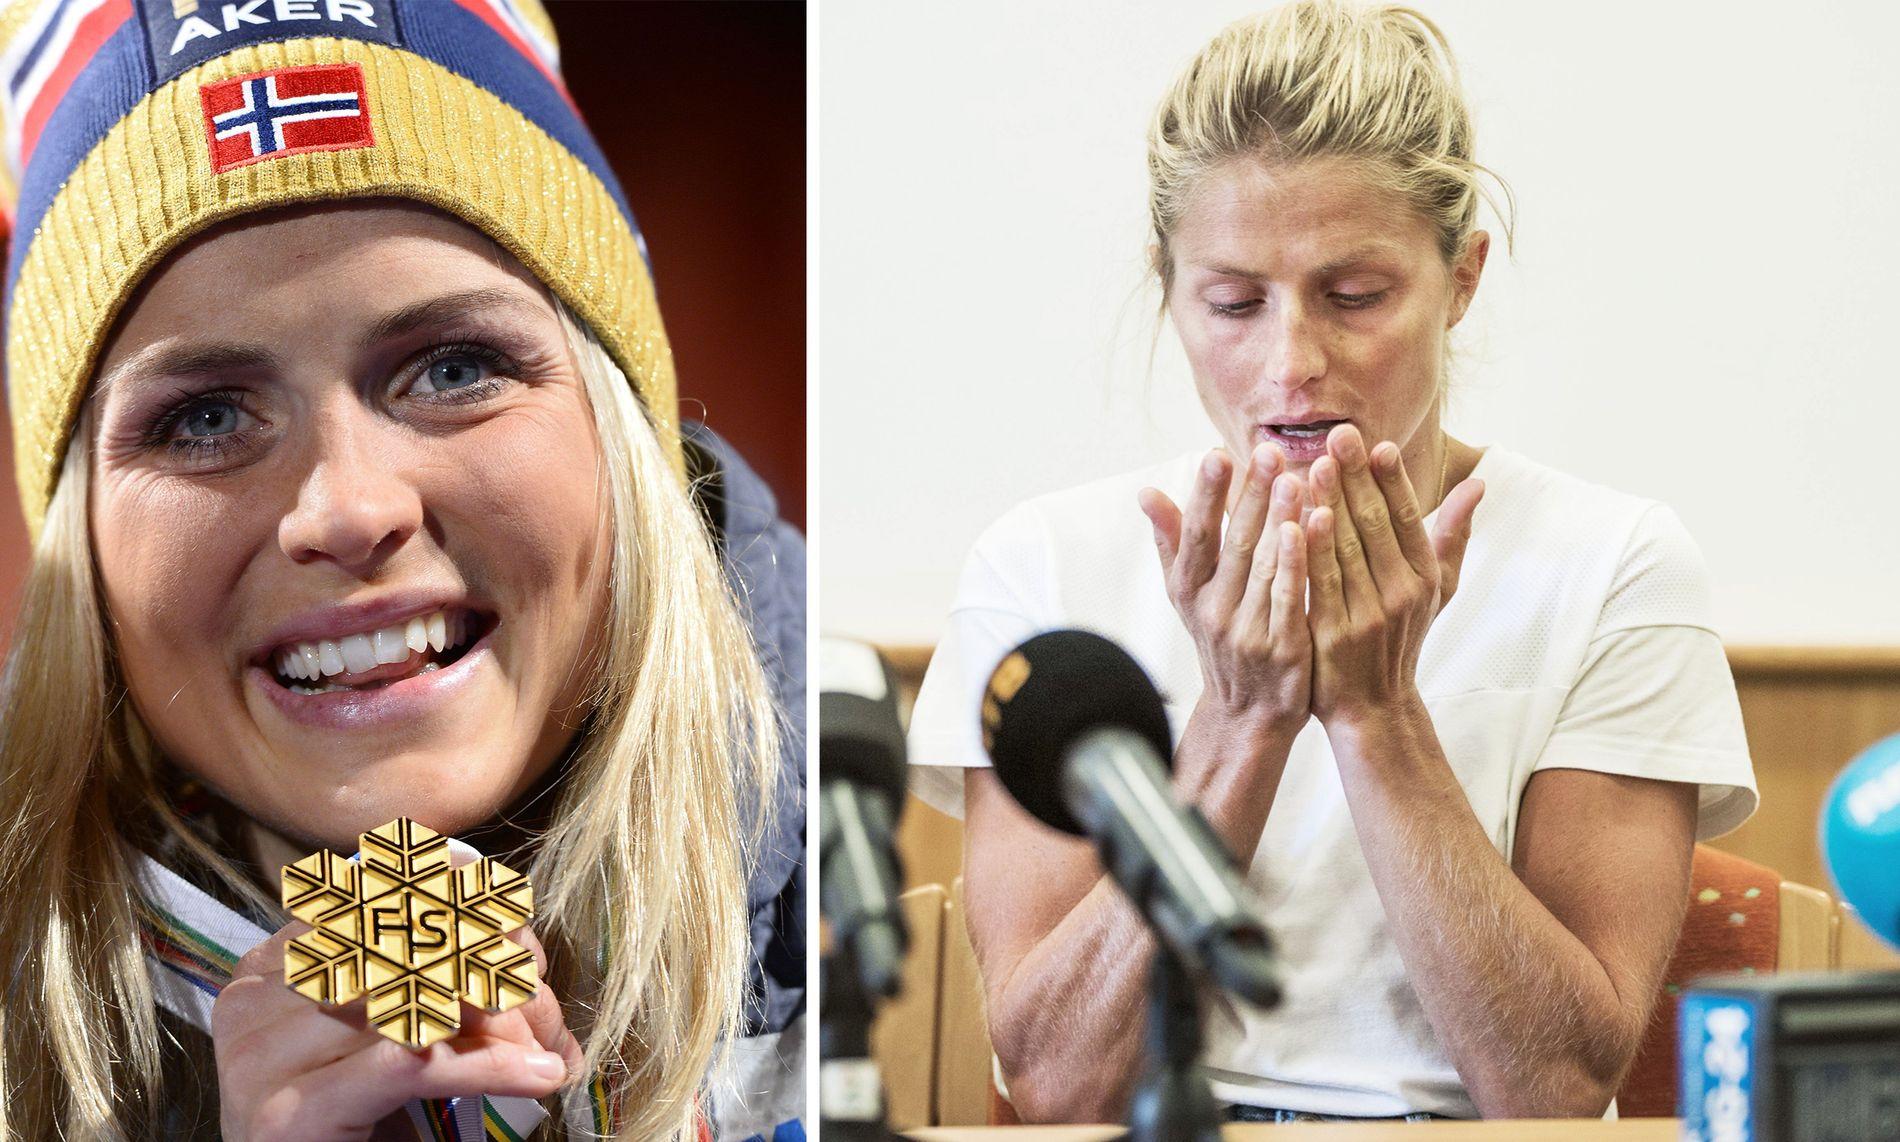 FRA GULL TIL NULL: Therese Johaug dro inn store summer på VM-gullene i Falun (t.v.). Dopingdommen påfører henne tap på flere millioner, gitt at hun prestert på forventet nivå.